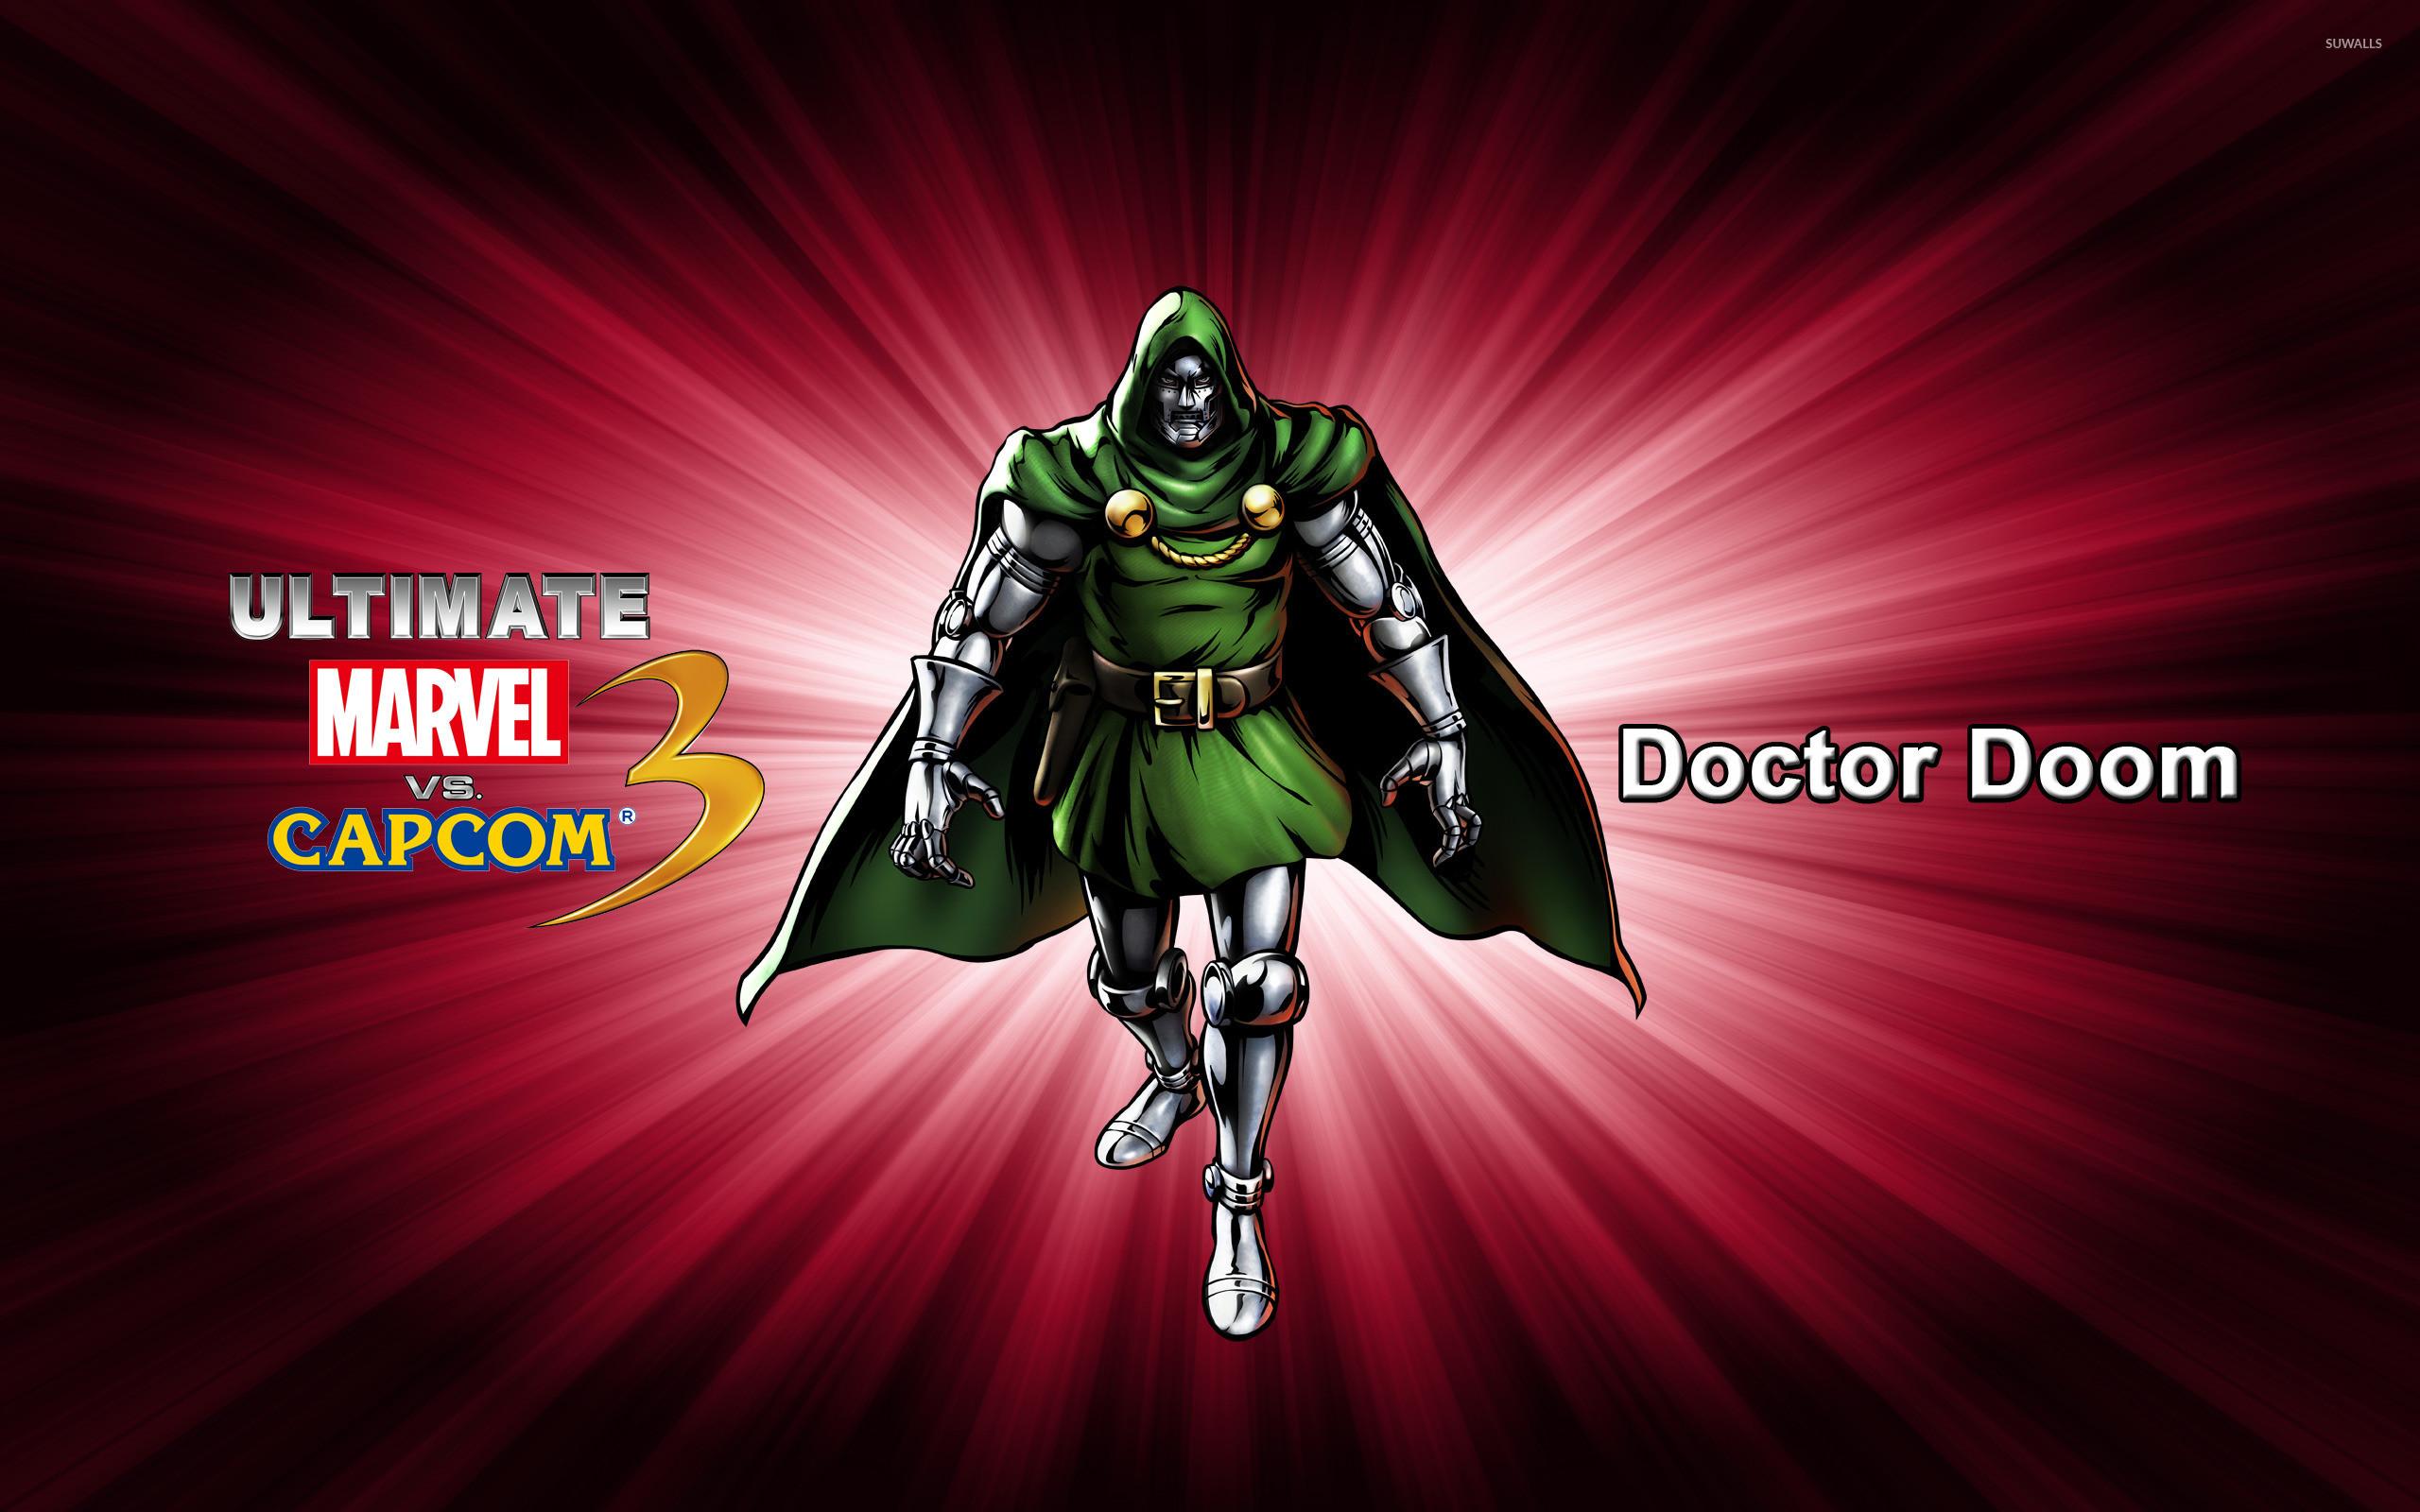 Doctor Doom – Ultimate Marvel vs. Capcom 3 wallpaper